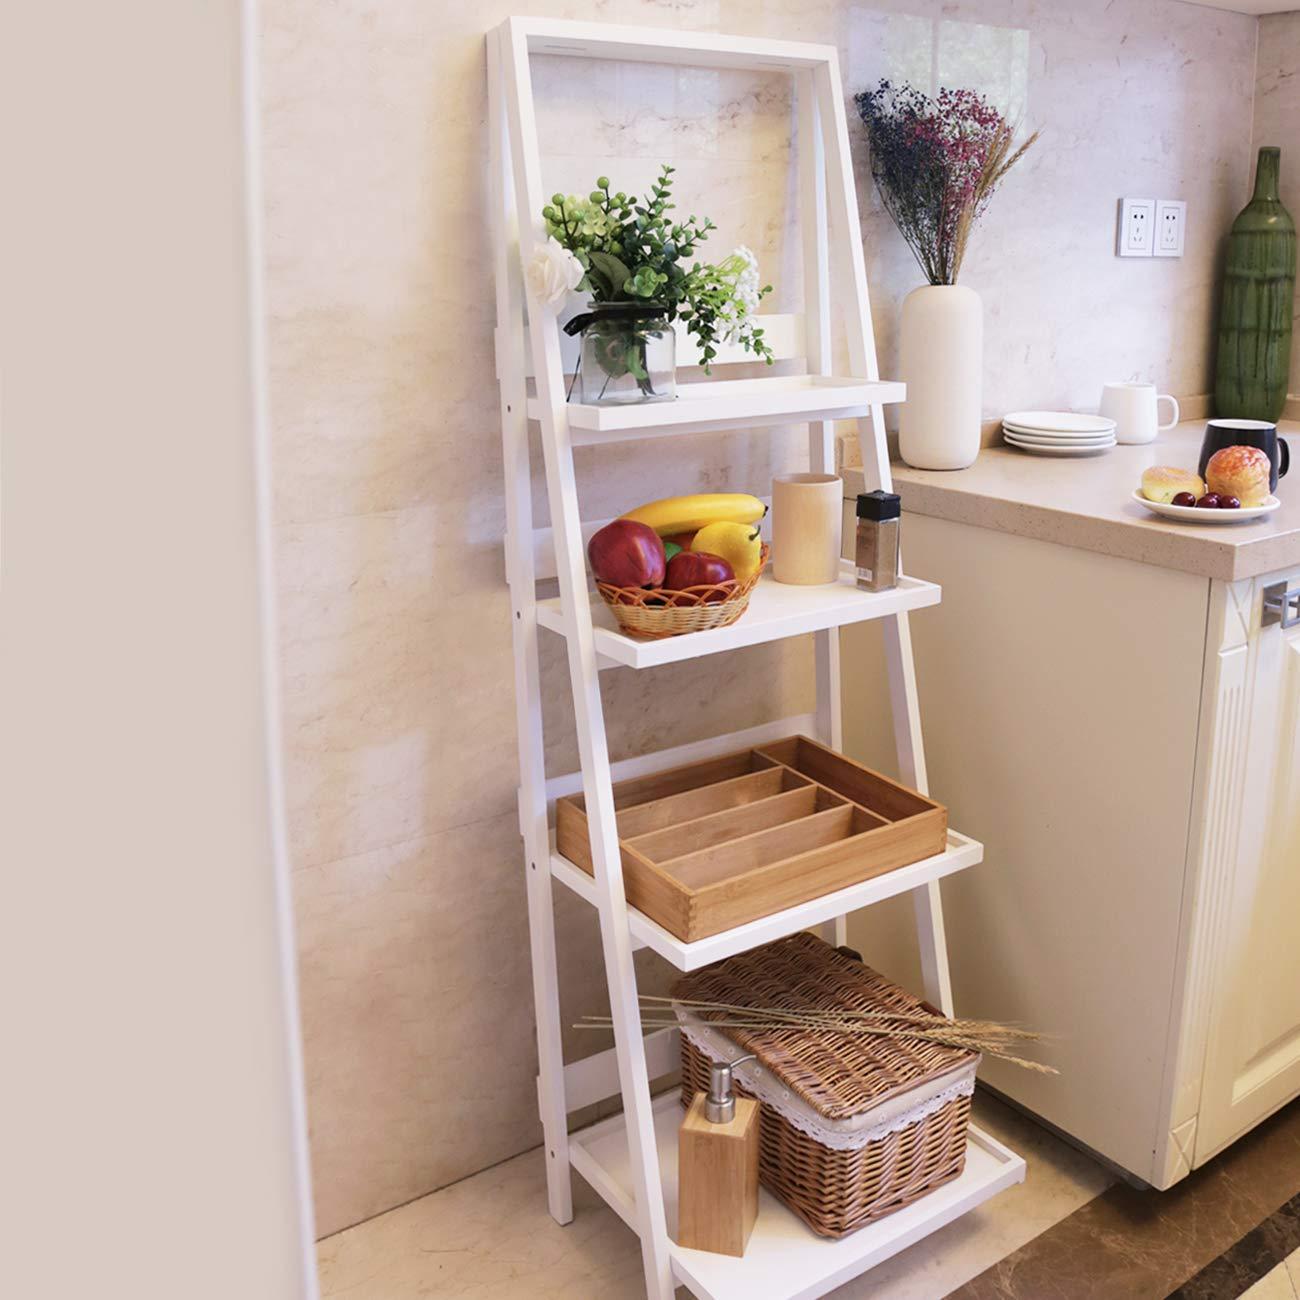 Möbel & Wohnen Regale & Aufbewahrungen Regal klappbar aus Holz